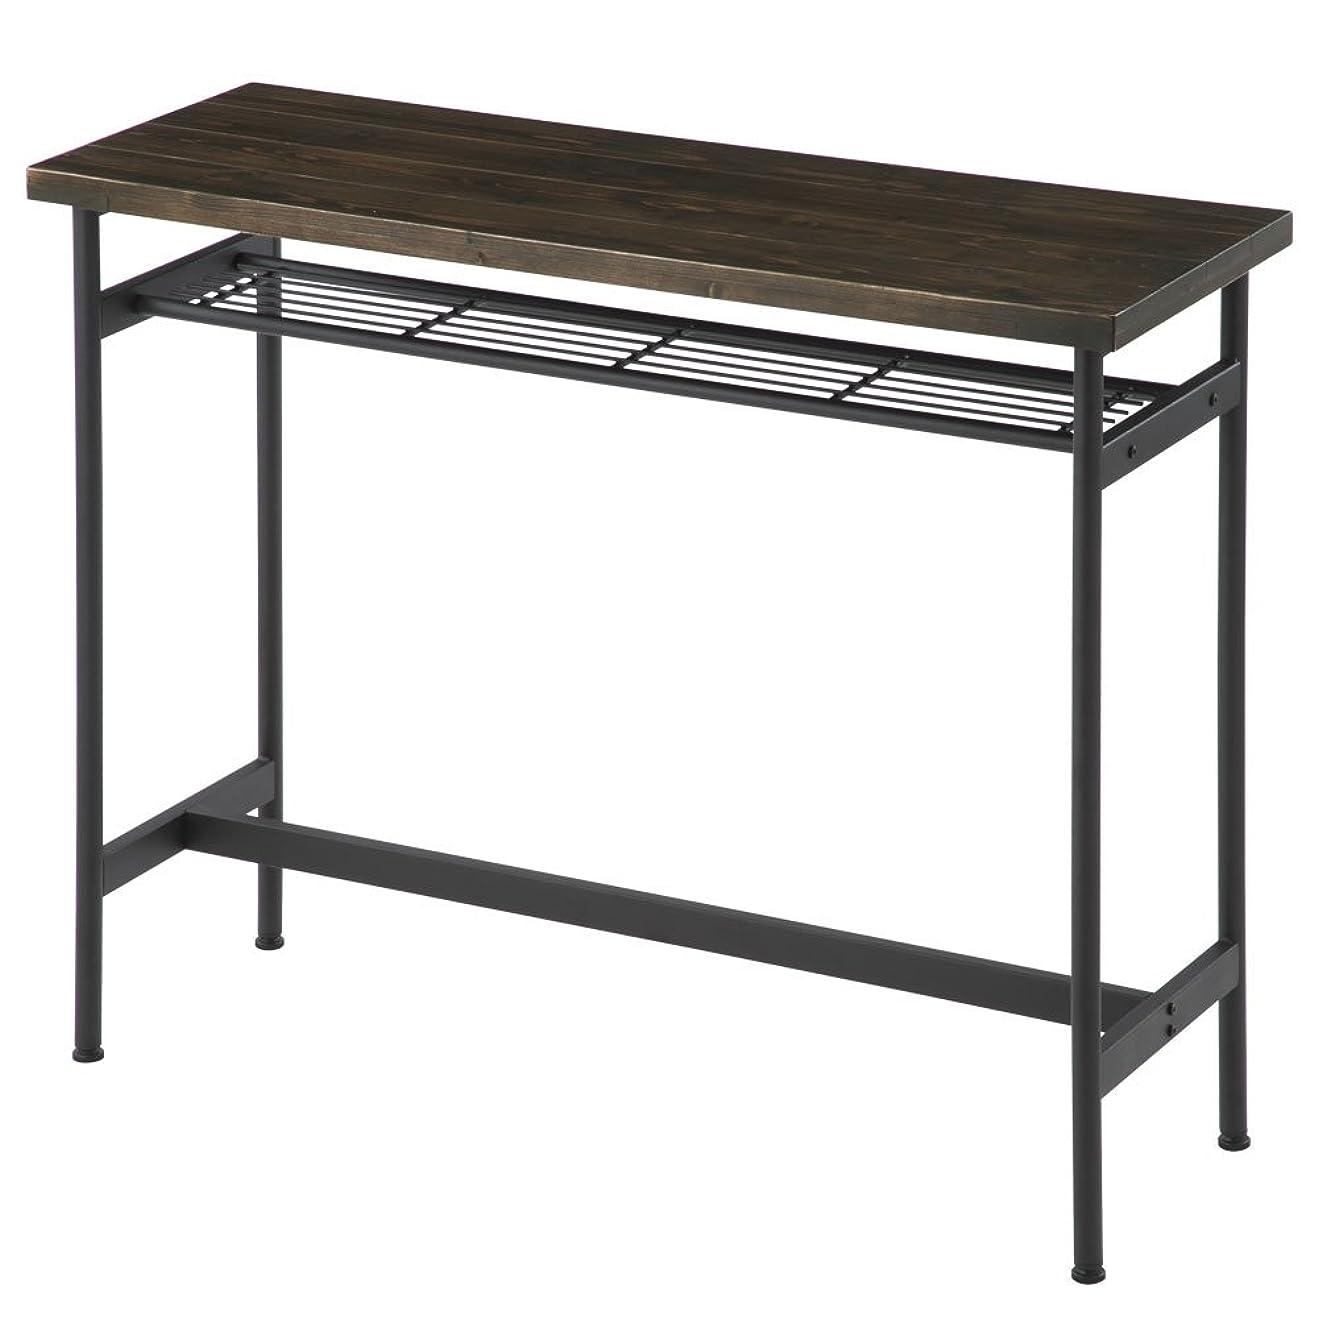 パスタ論理的にインカ帝国ぼん家具 カウンターテーブル ヴィンテージ風 バーテーブル ハイテーブル デスク ウォールナット